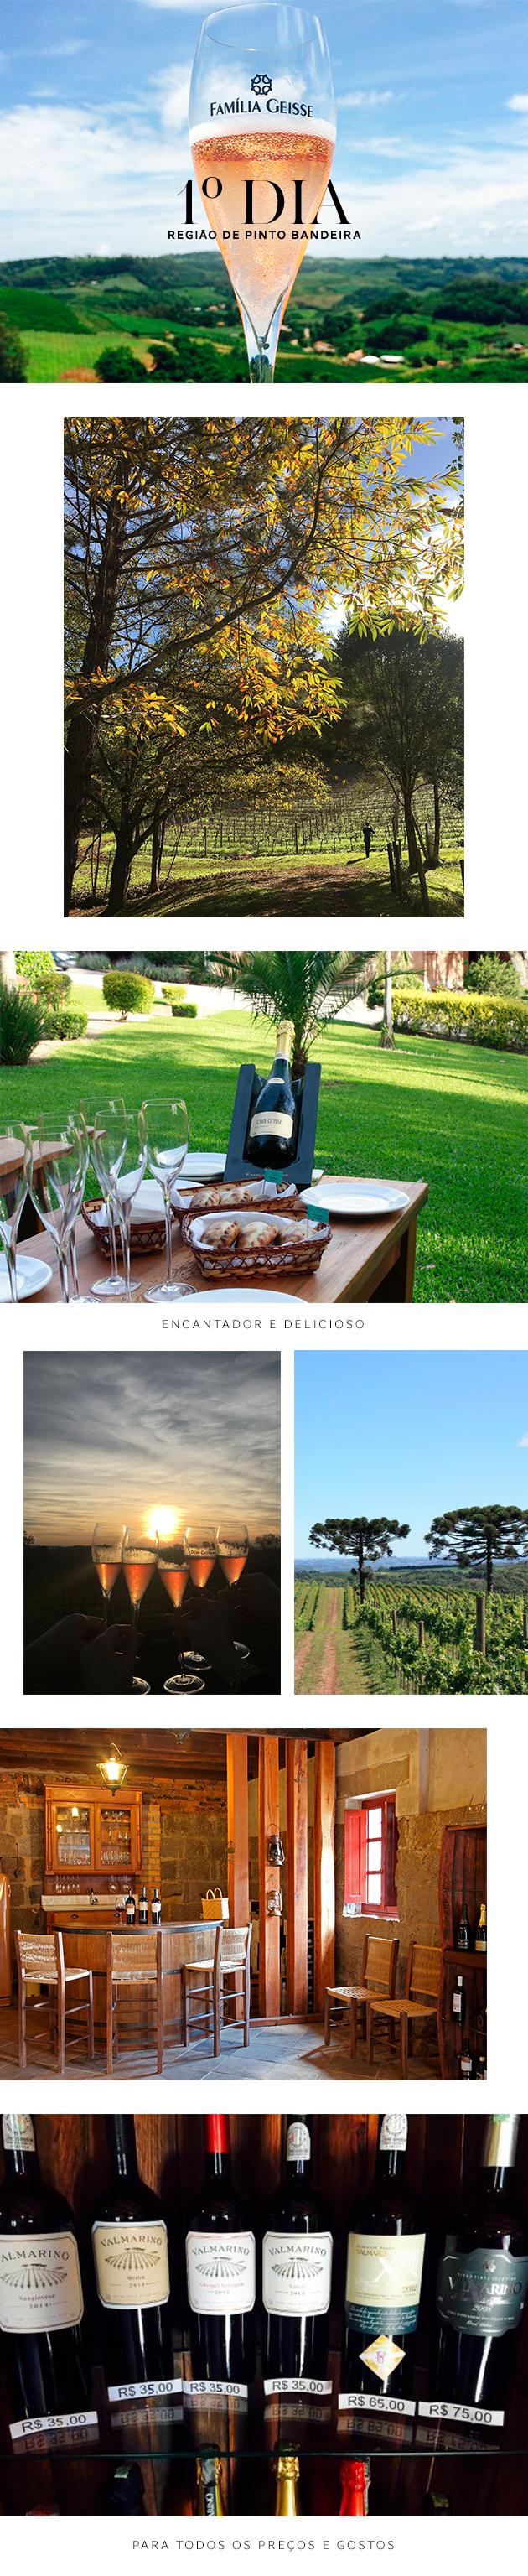 Tudo-sobre-o-Vale-dos-Vinhedos-sul-do-Brasil-região-de-vinho-Bento-Gonçalves-guia-de-viagem-roteiro-dicas-Brasil-destino-no-Brasil-blog-Lari-Duarte-vinho